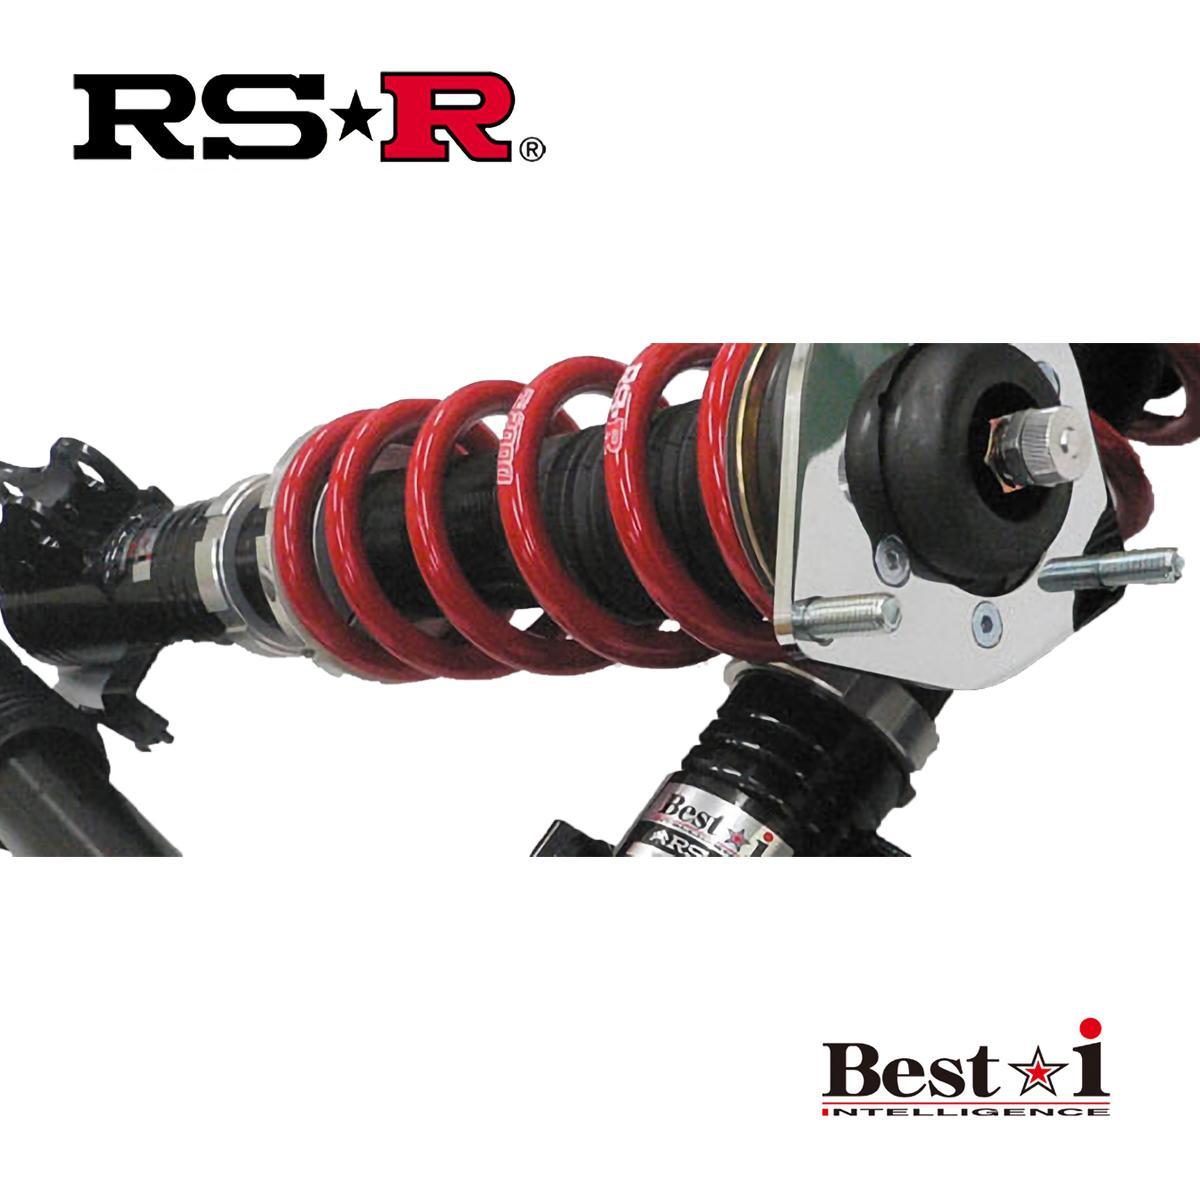 RS-R プリウス A ZVW55 車高調 リア車高調整:ネジ式/推奨バネレート仕様 BIT582M ベストi RSR 個人宅発送追金有